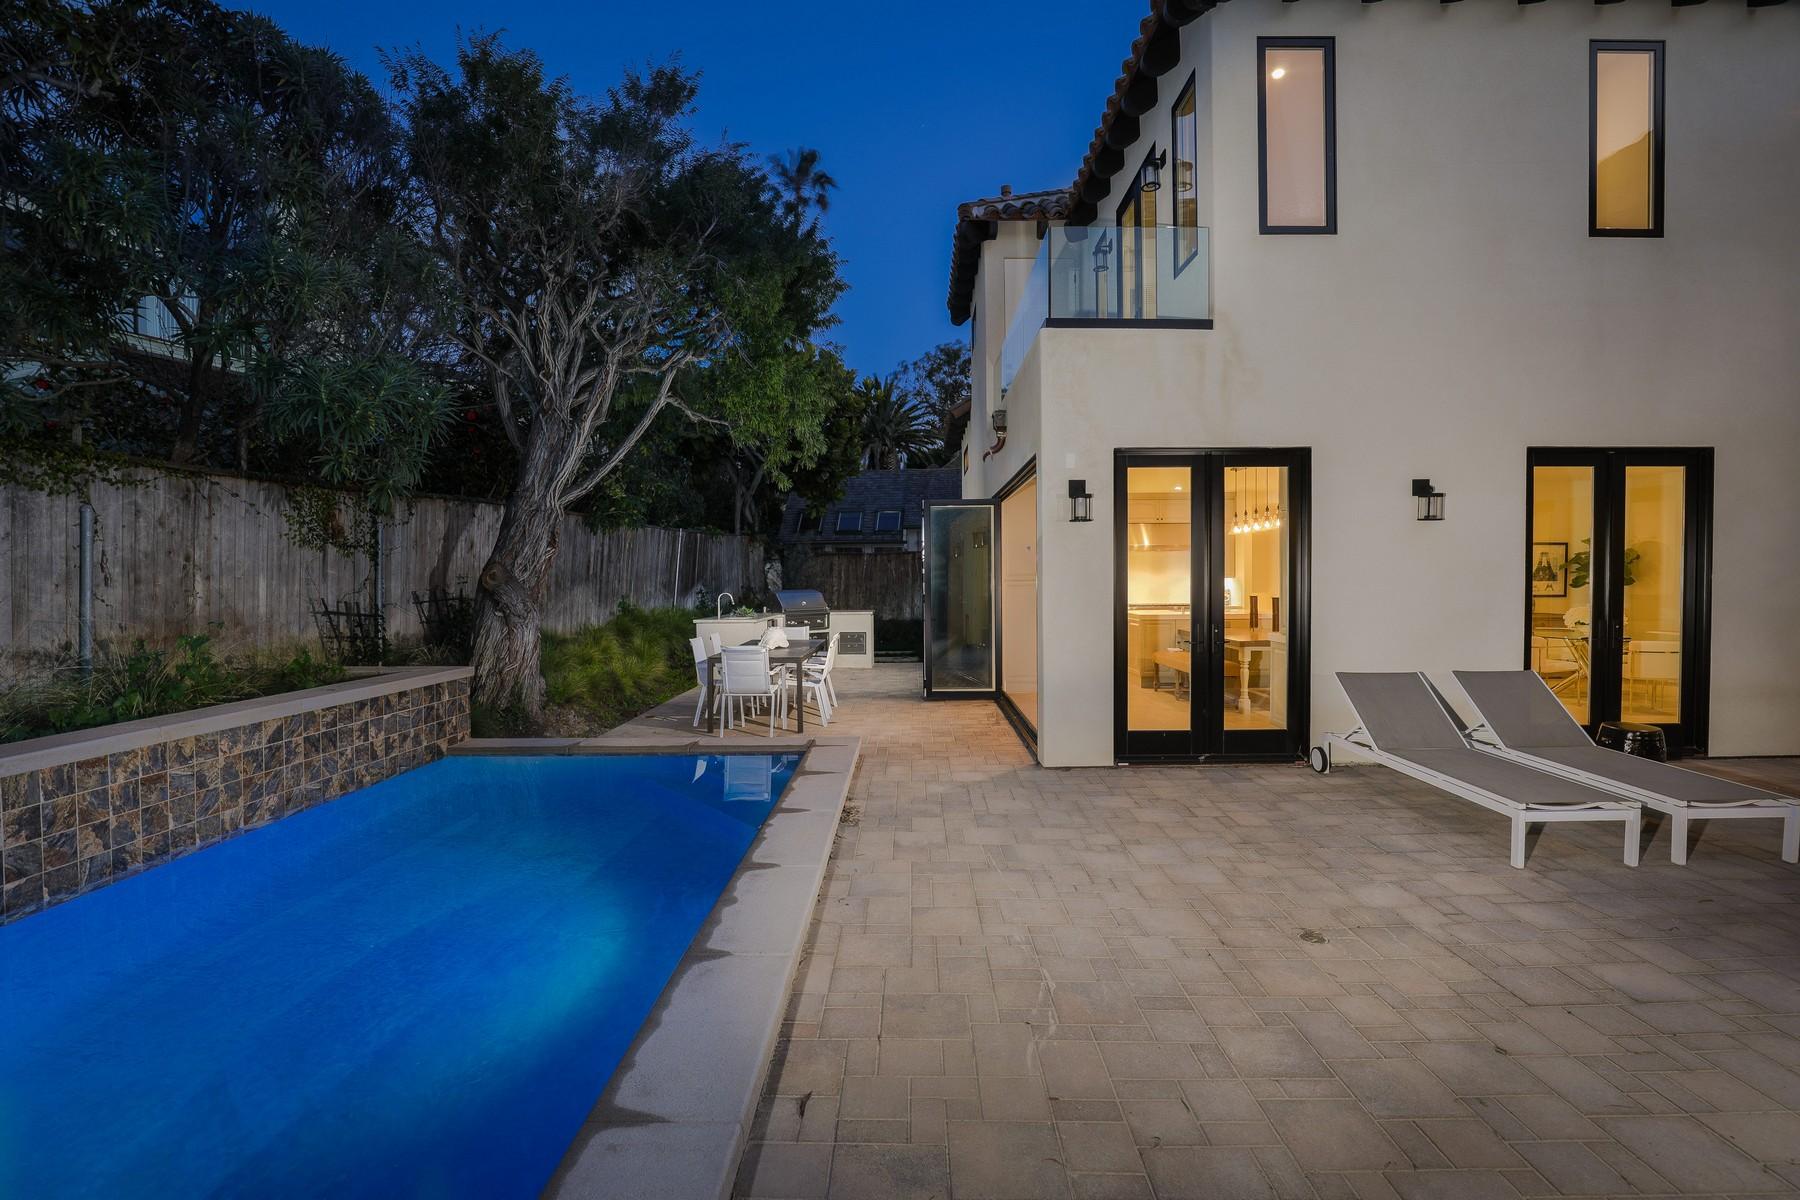 단독 가정 주택 용 매매 에 5915 Camino De La Costa La Jolla, 캘리포니아, 92037 미국